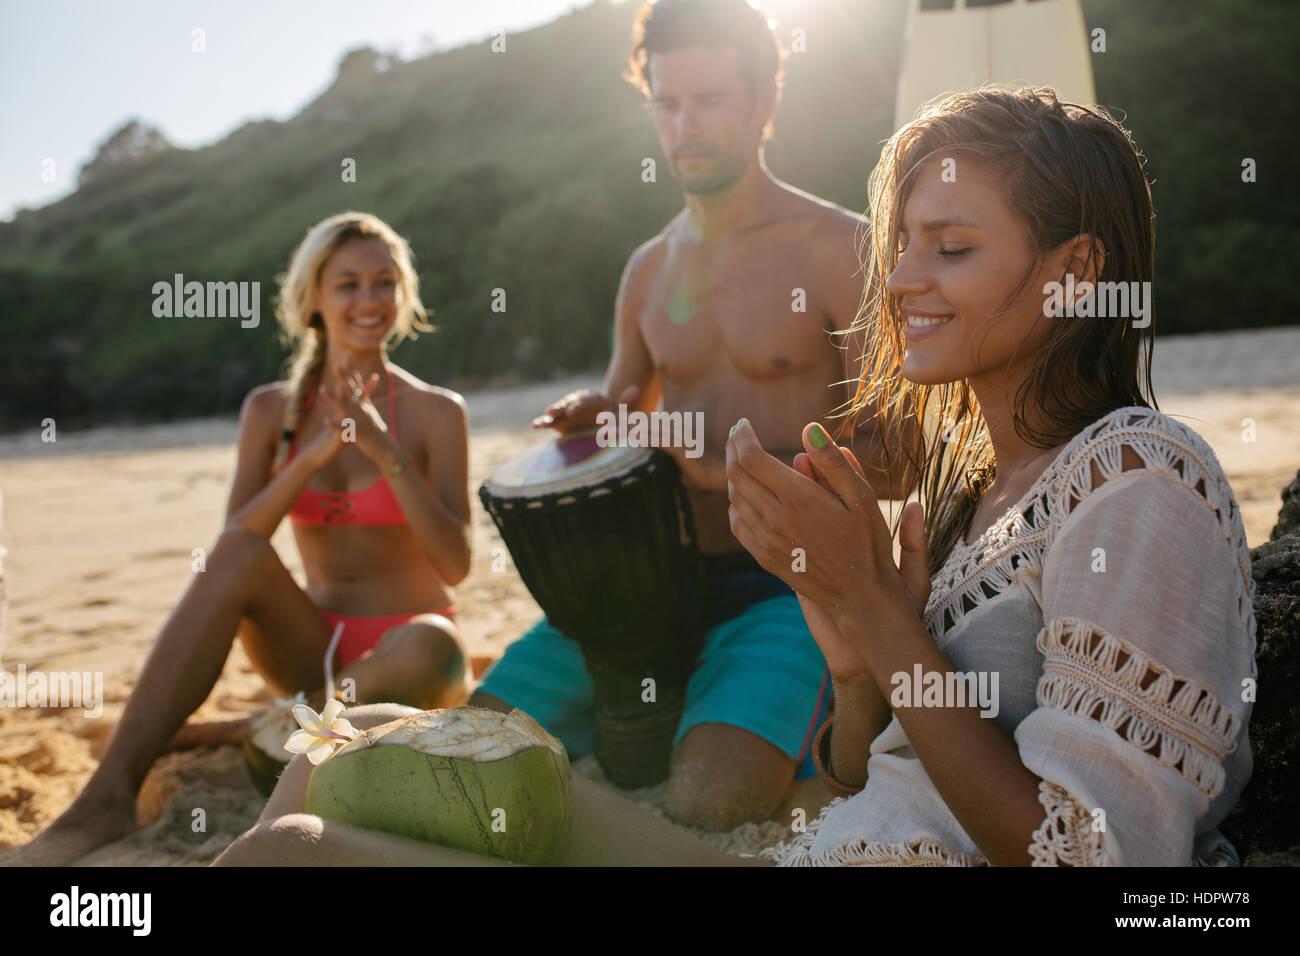 Jeune femme profitant des vacances avec ses amis sur la plage. Des mains des femmes et de l'homme jouant dumbek. Photo Stock